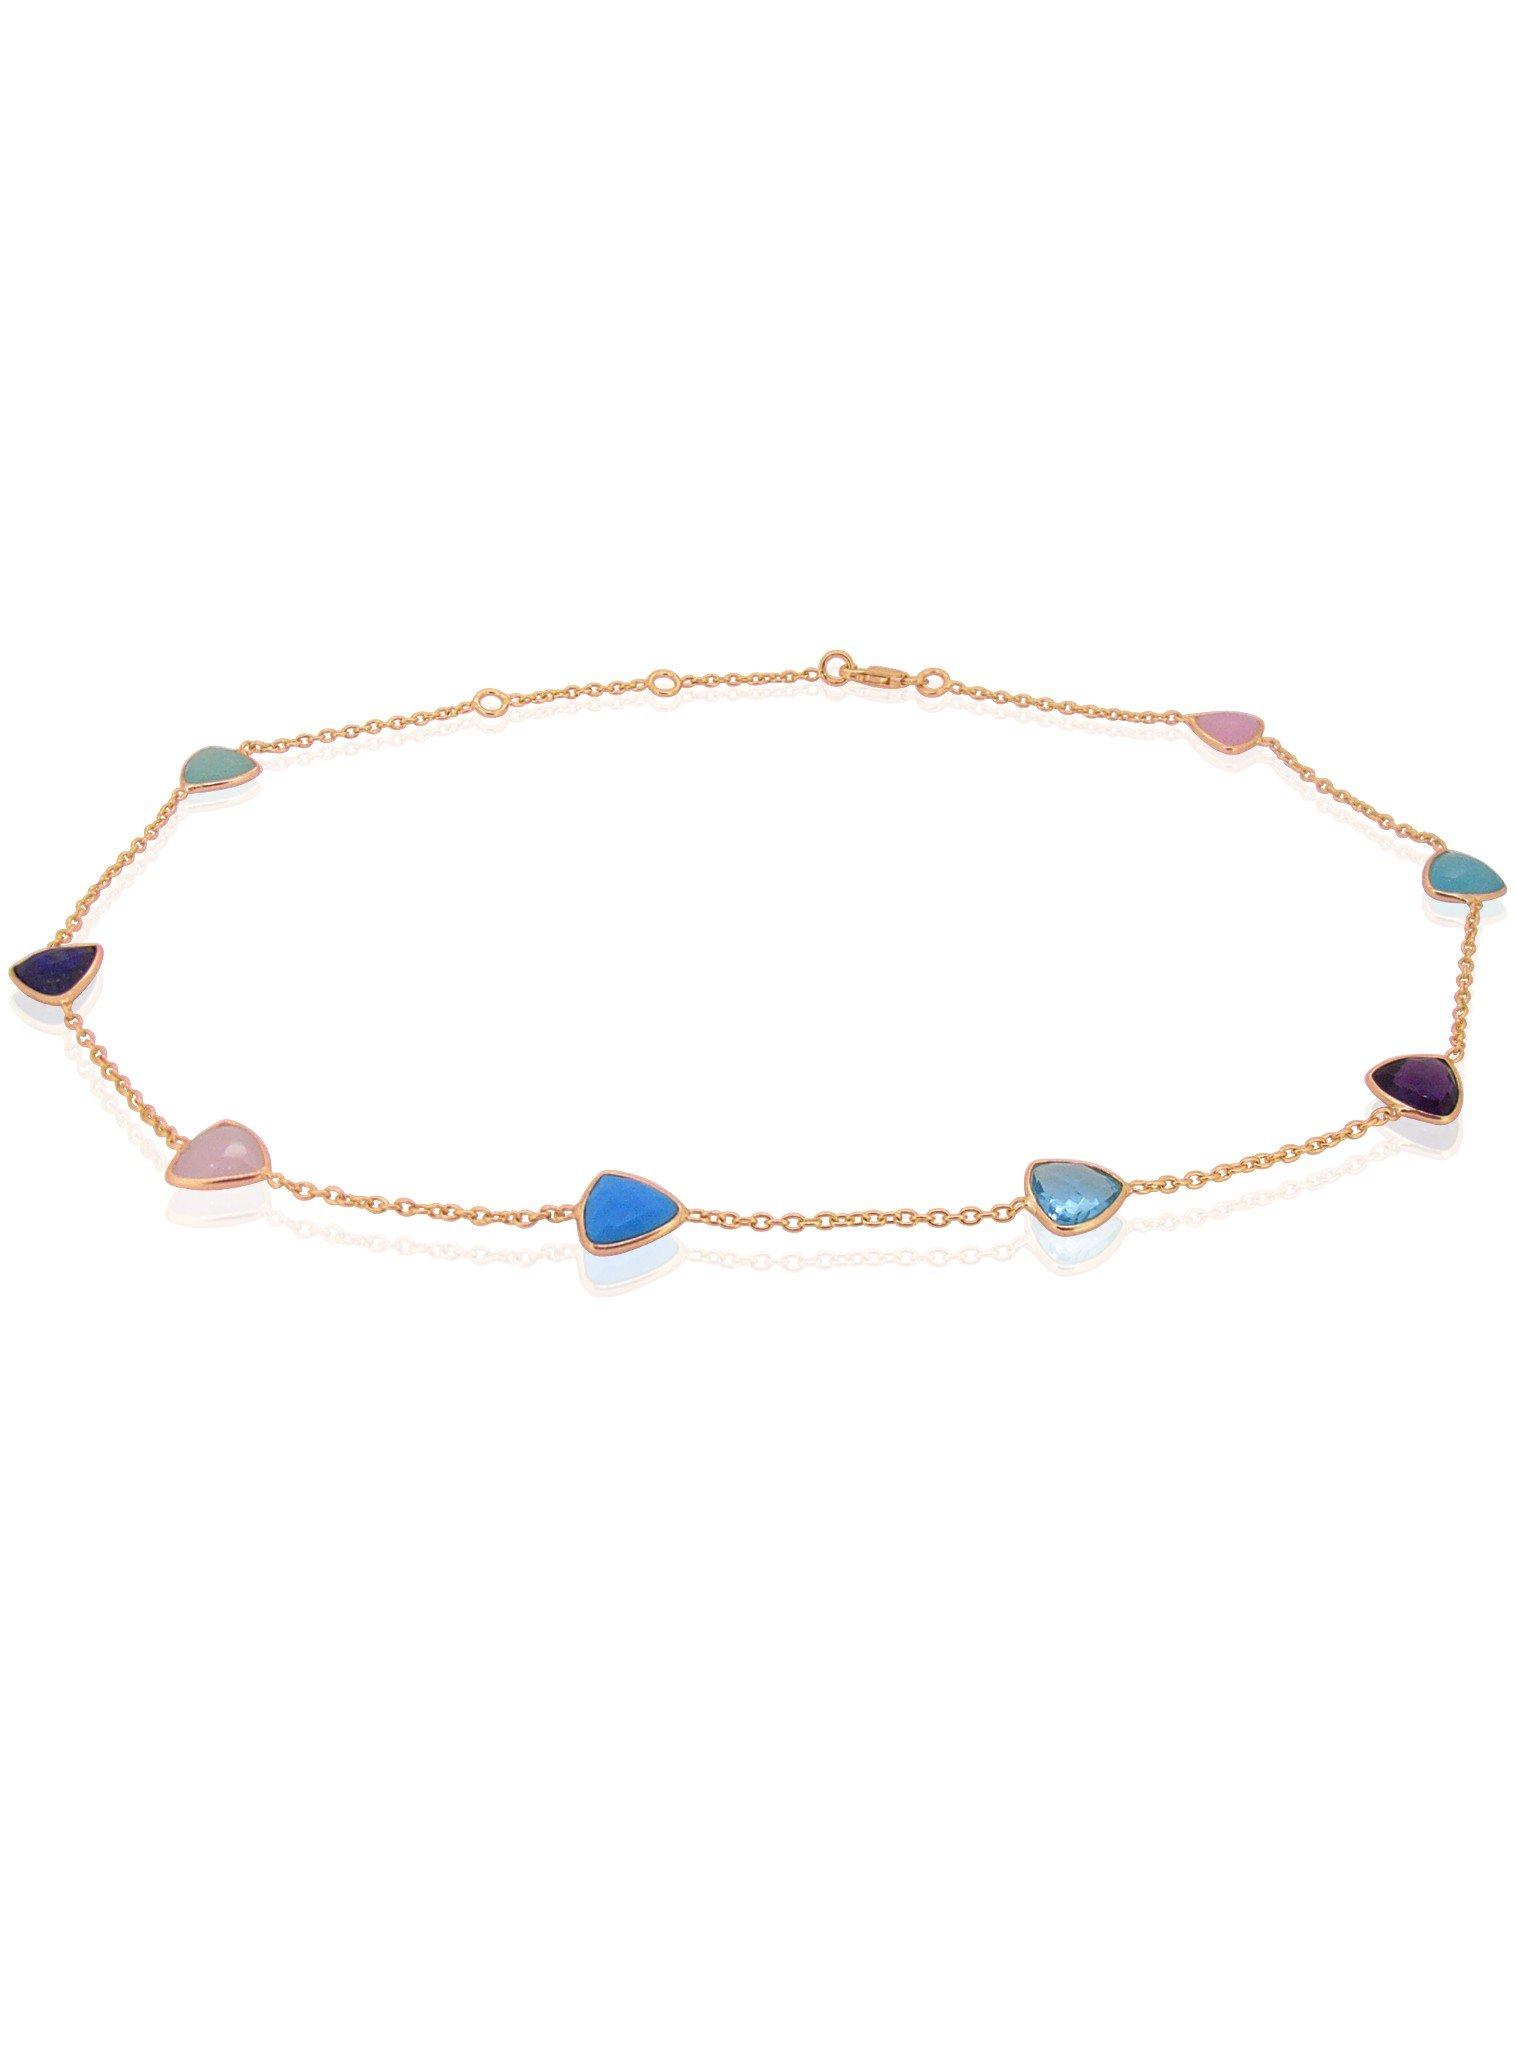 Harper Trilliant Gemstones Necklace in Rose Gold